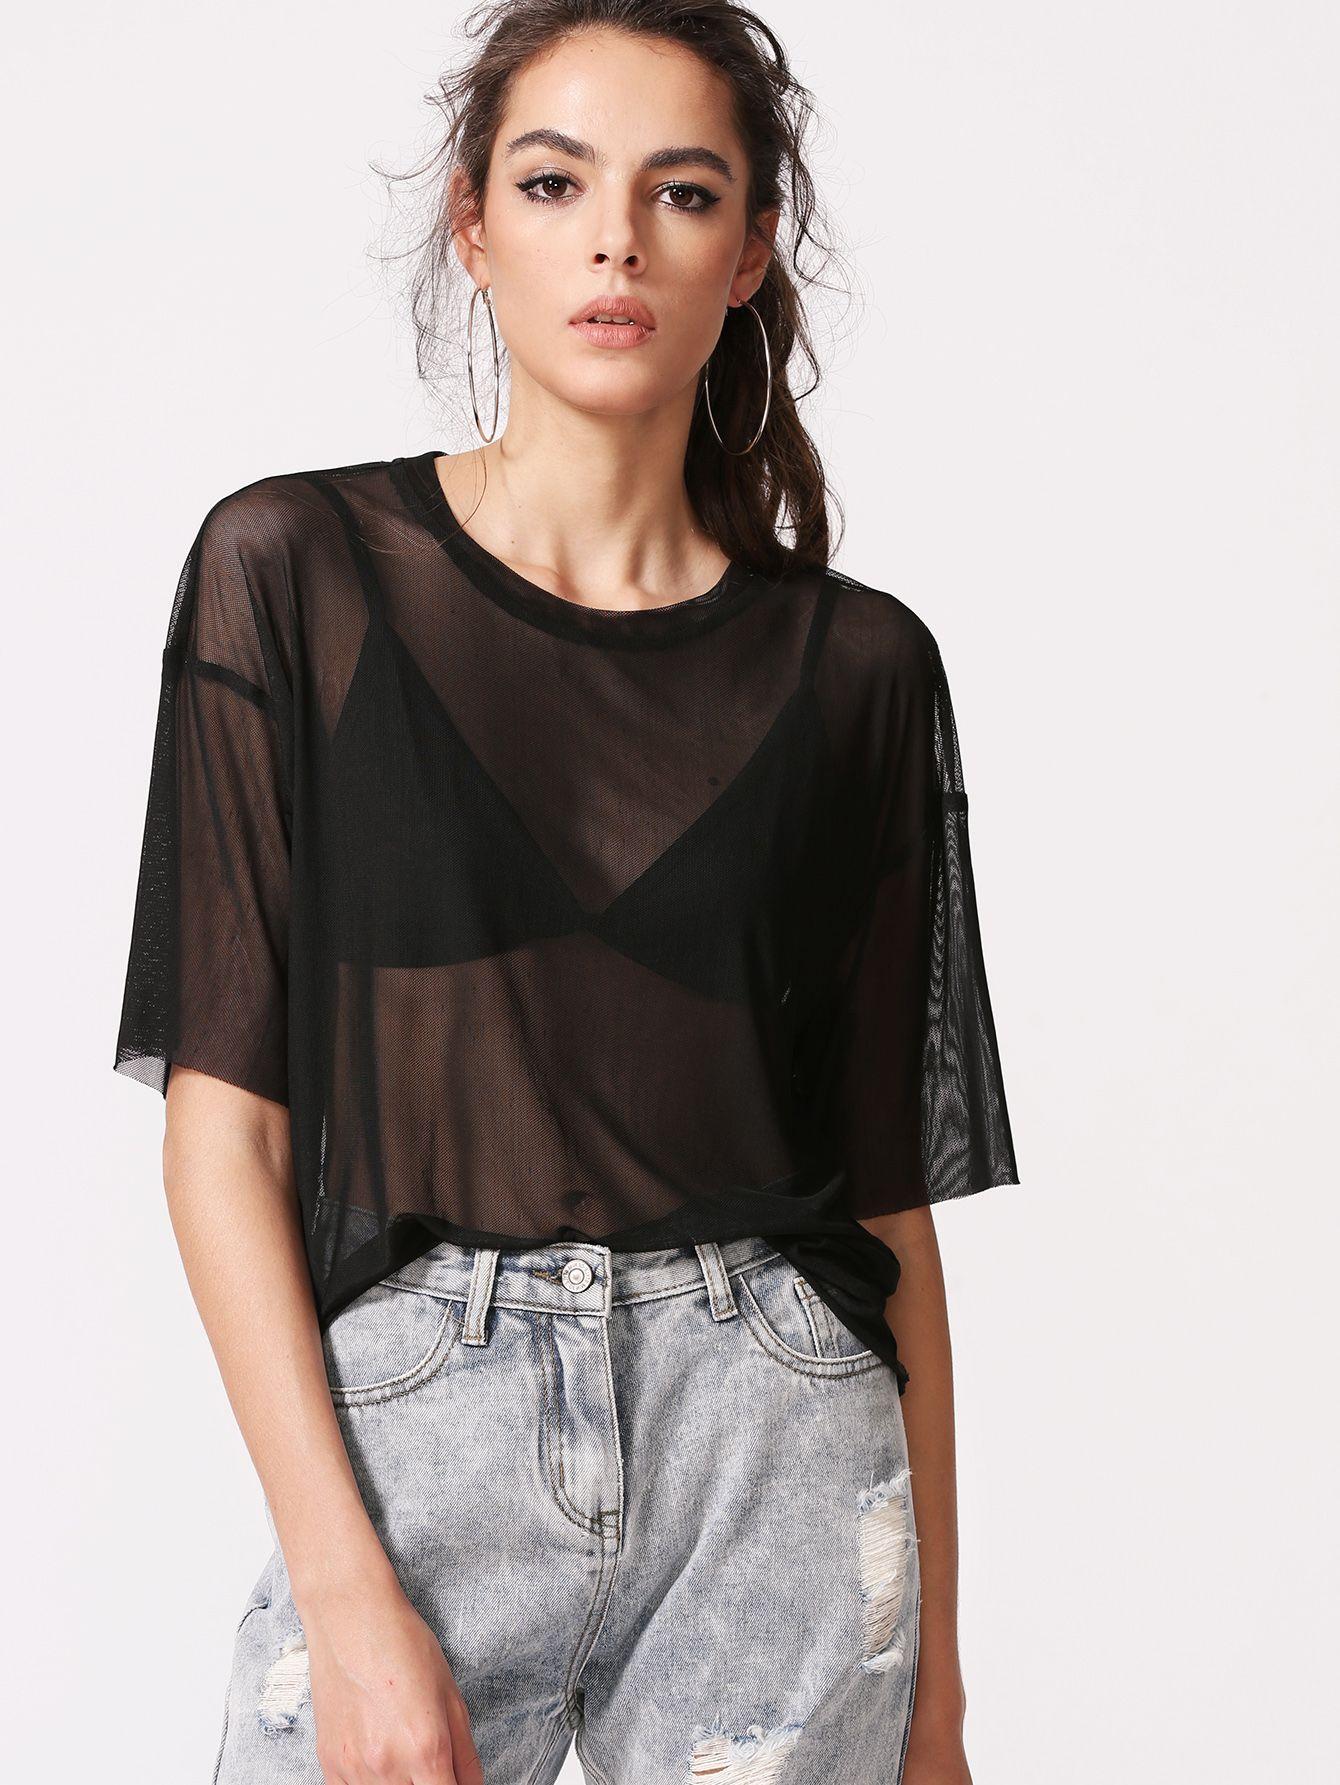 Que porter avec un haut transparent ?